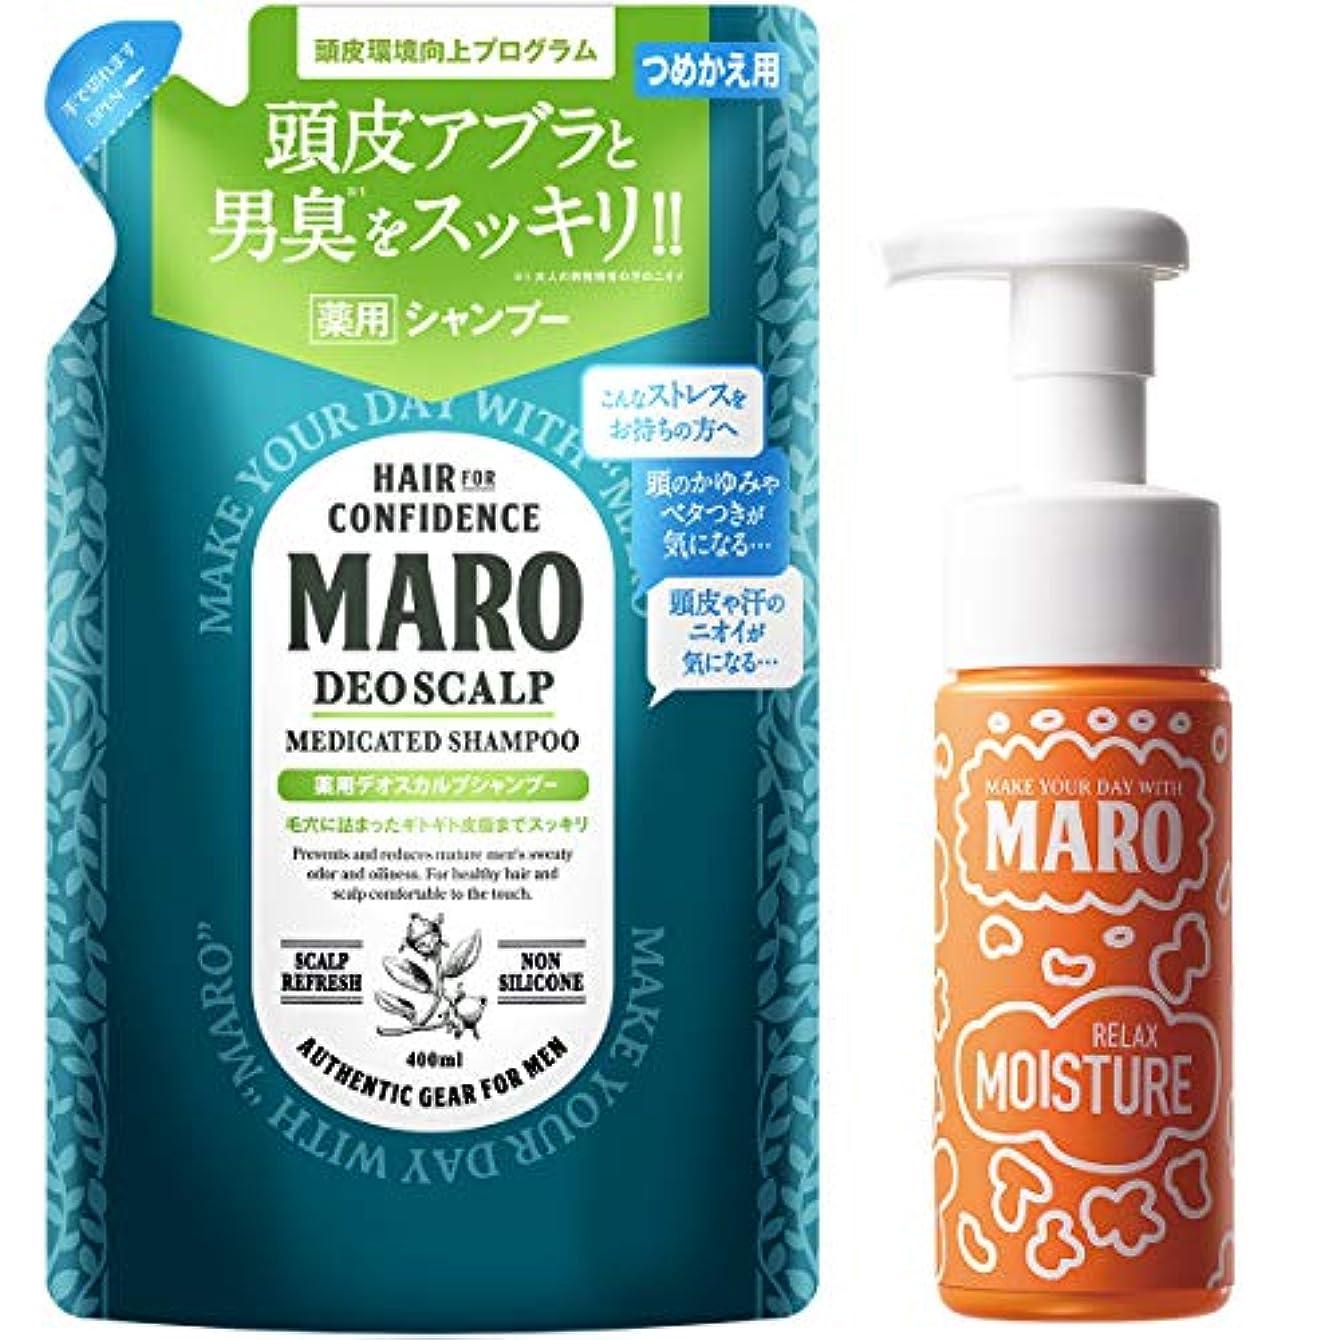 ハッチ雄大な運命MARO(マーロ) 薬用デオスカルプシャンプー 泡洗顔付き 400ml+泡洗顔150ml セット +